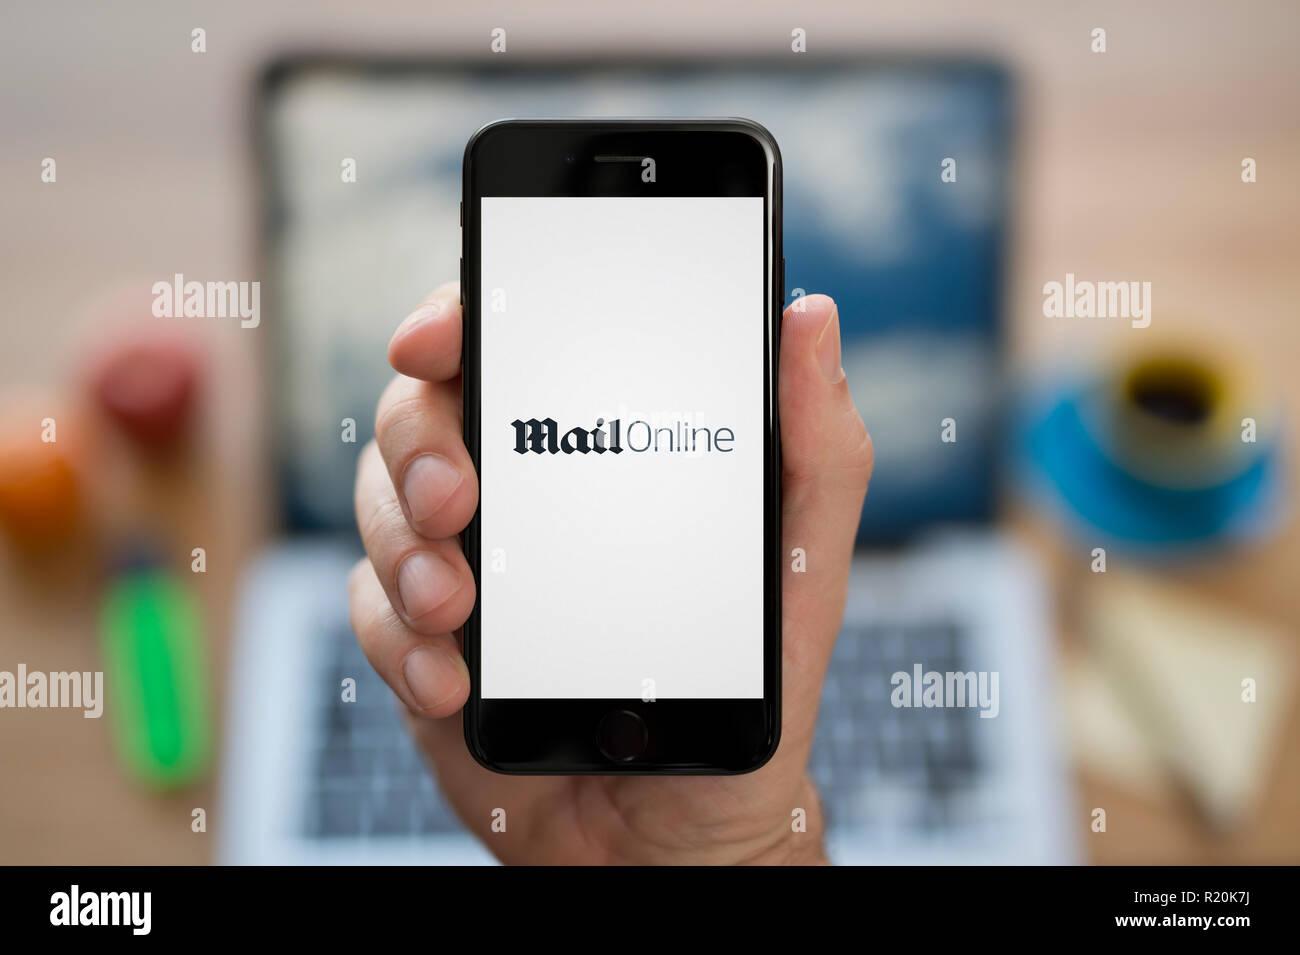 Ein Mann schaut auf seinem iPhone, zeigt die Post online Logo, während saß an seinem Computer Schreibtisch (nur redaktionelle Nutzung). Stockbild